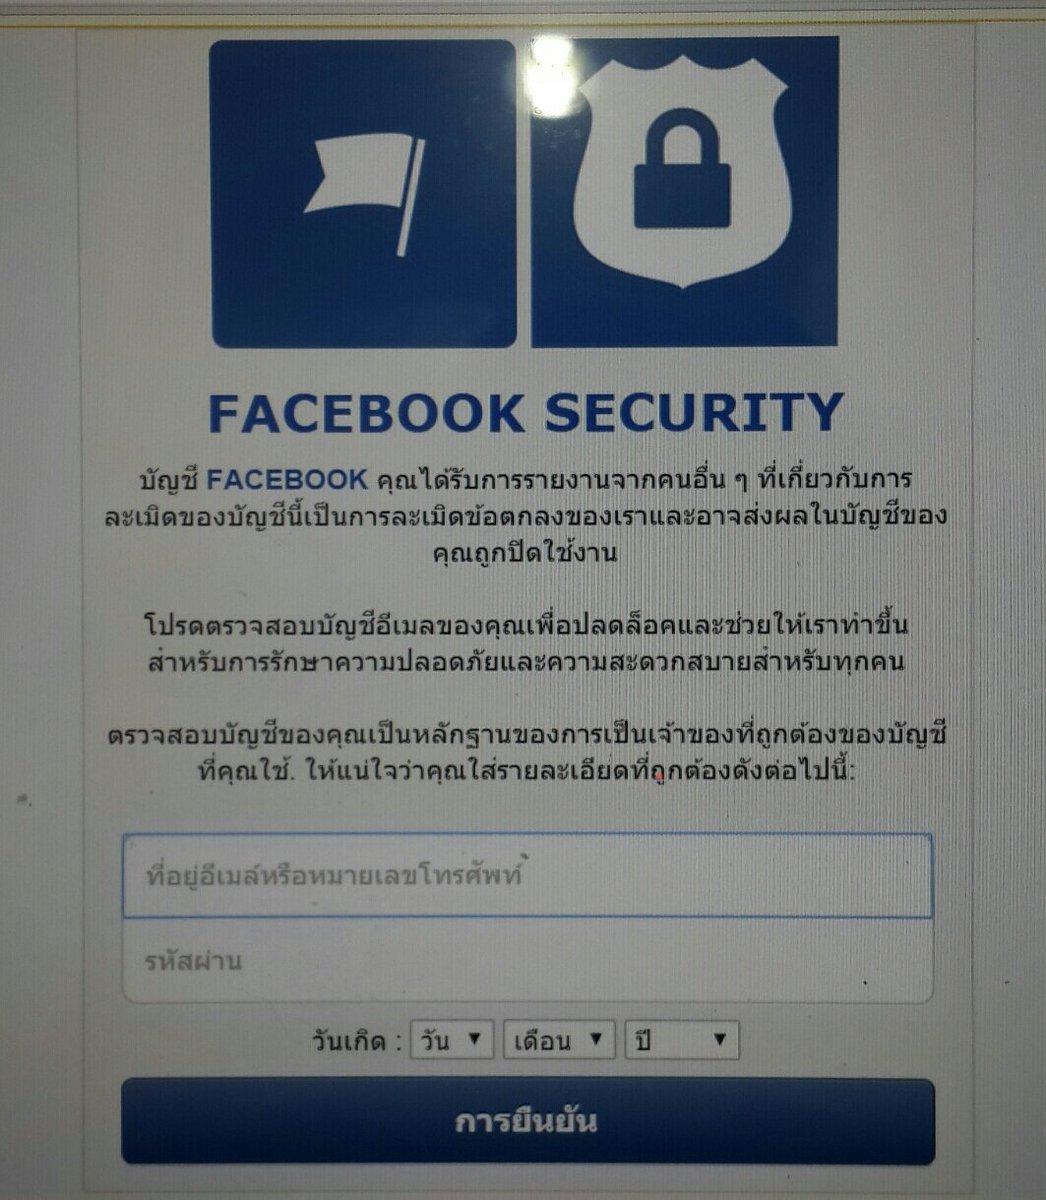 """""""แชร์ให้เยอะที่สุด""""  เจอรูปนี้ !!! อย่าได้ใส่ข้อมูลส่วนตัว หรือรหัส เขาทำขึ้นมาเพื่อขโมยข้อมูล facebook จะเปิดไม่ได้ https://t.co/sM8ryf5fD1"""